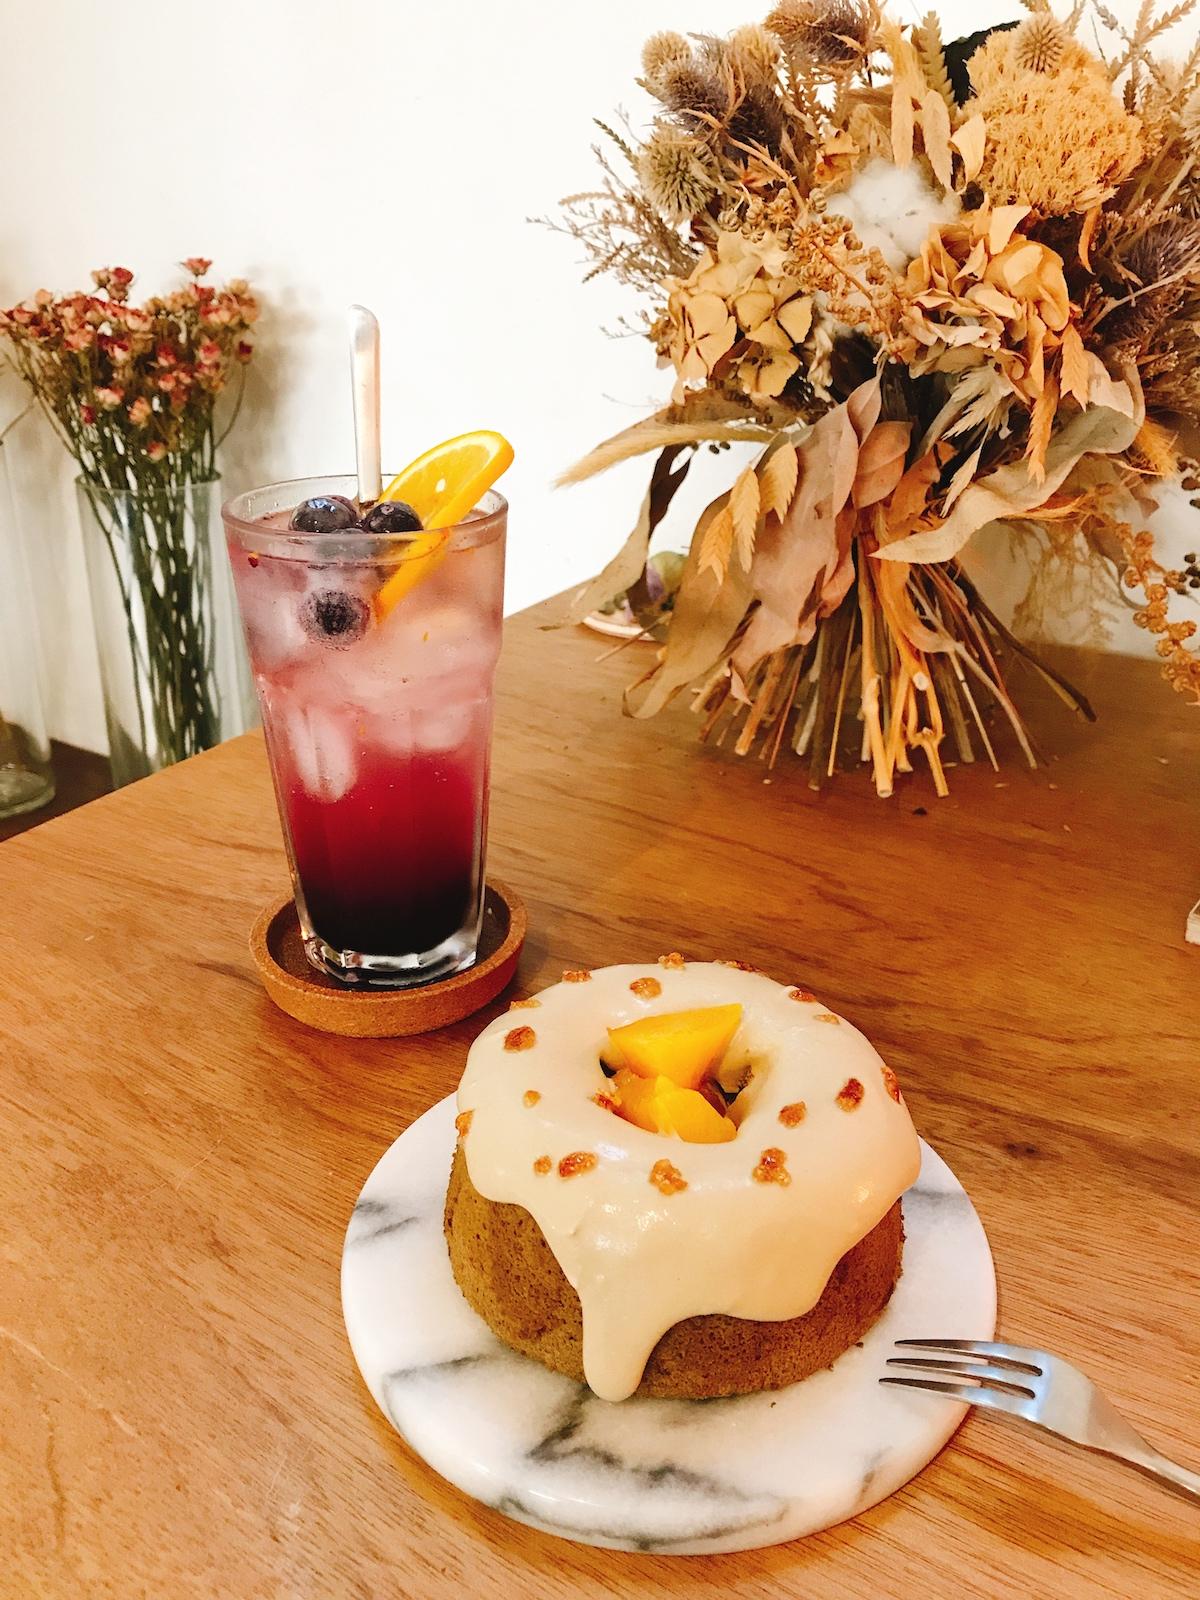 台南 安平 花藝 甜點店 Meller Coffee 結合 美學 活化 視覺 細胞